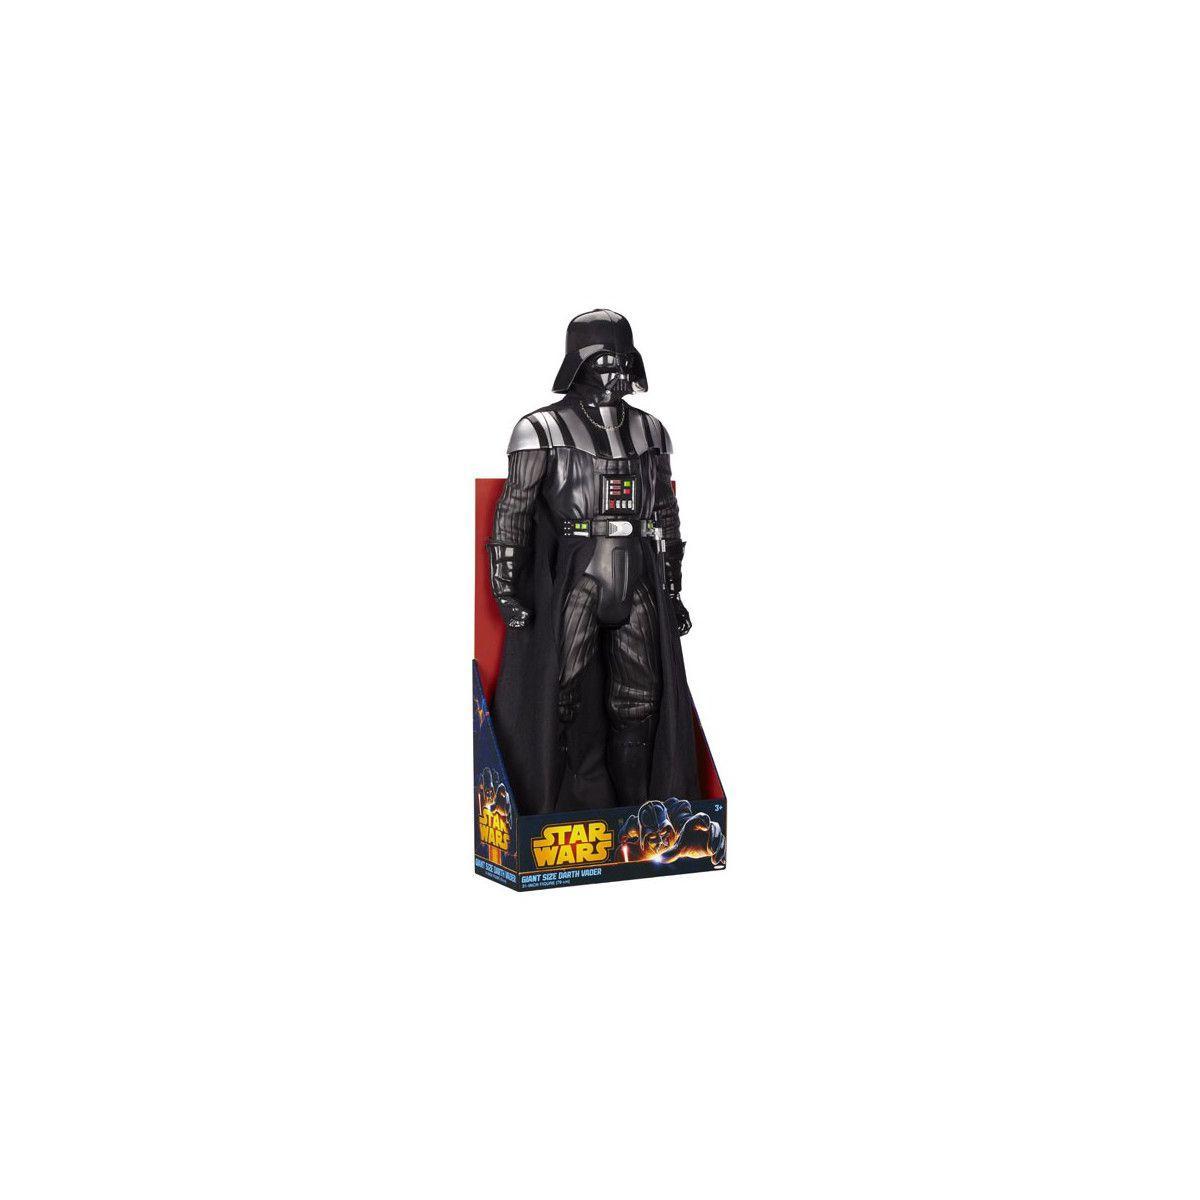 Figurine polymark dark vador 50cm sonore (photo)